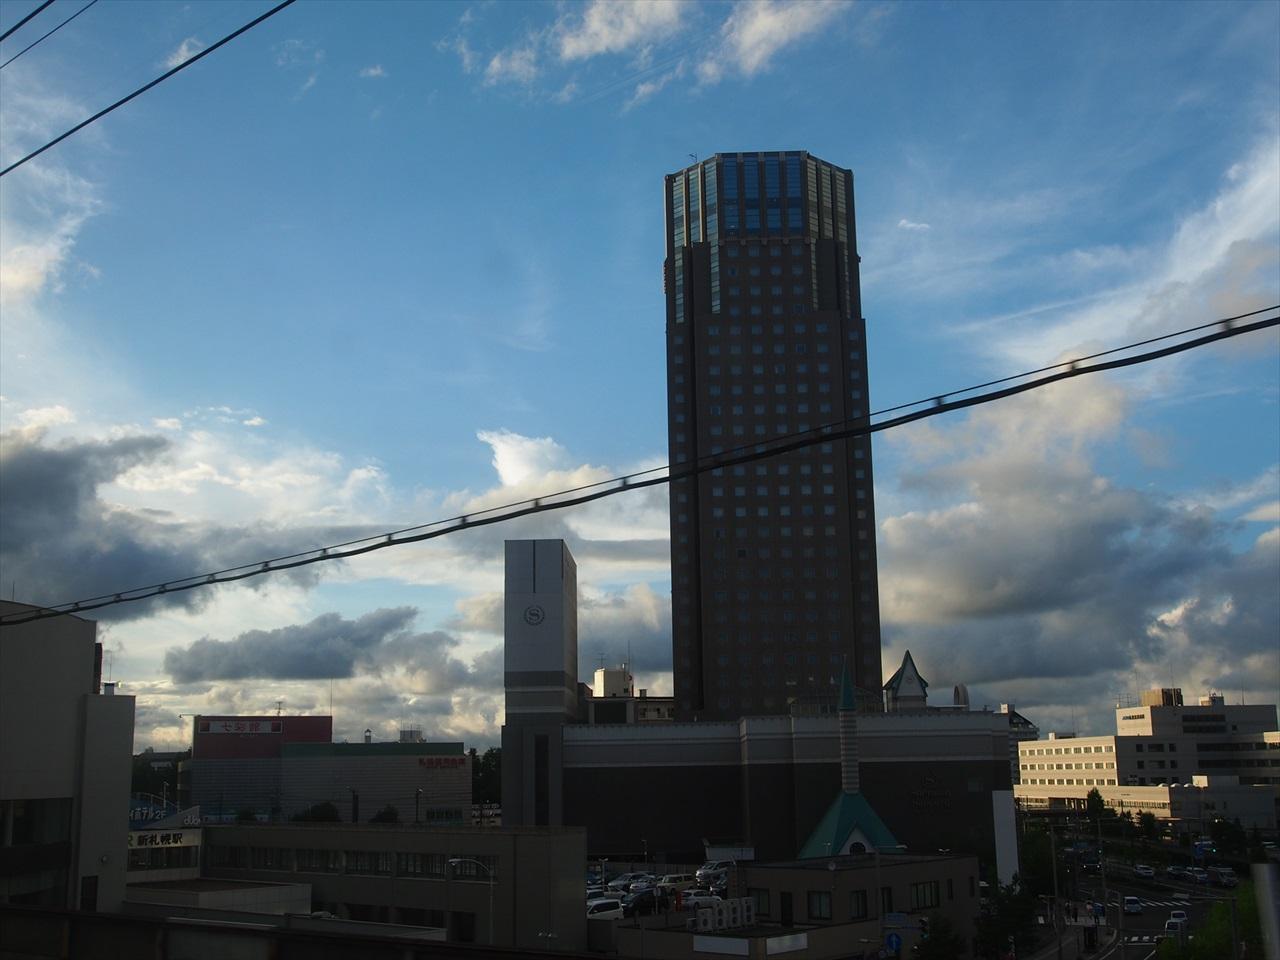 新札幌における車窓風景